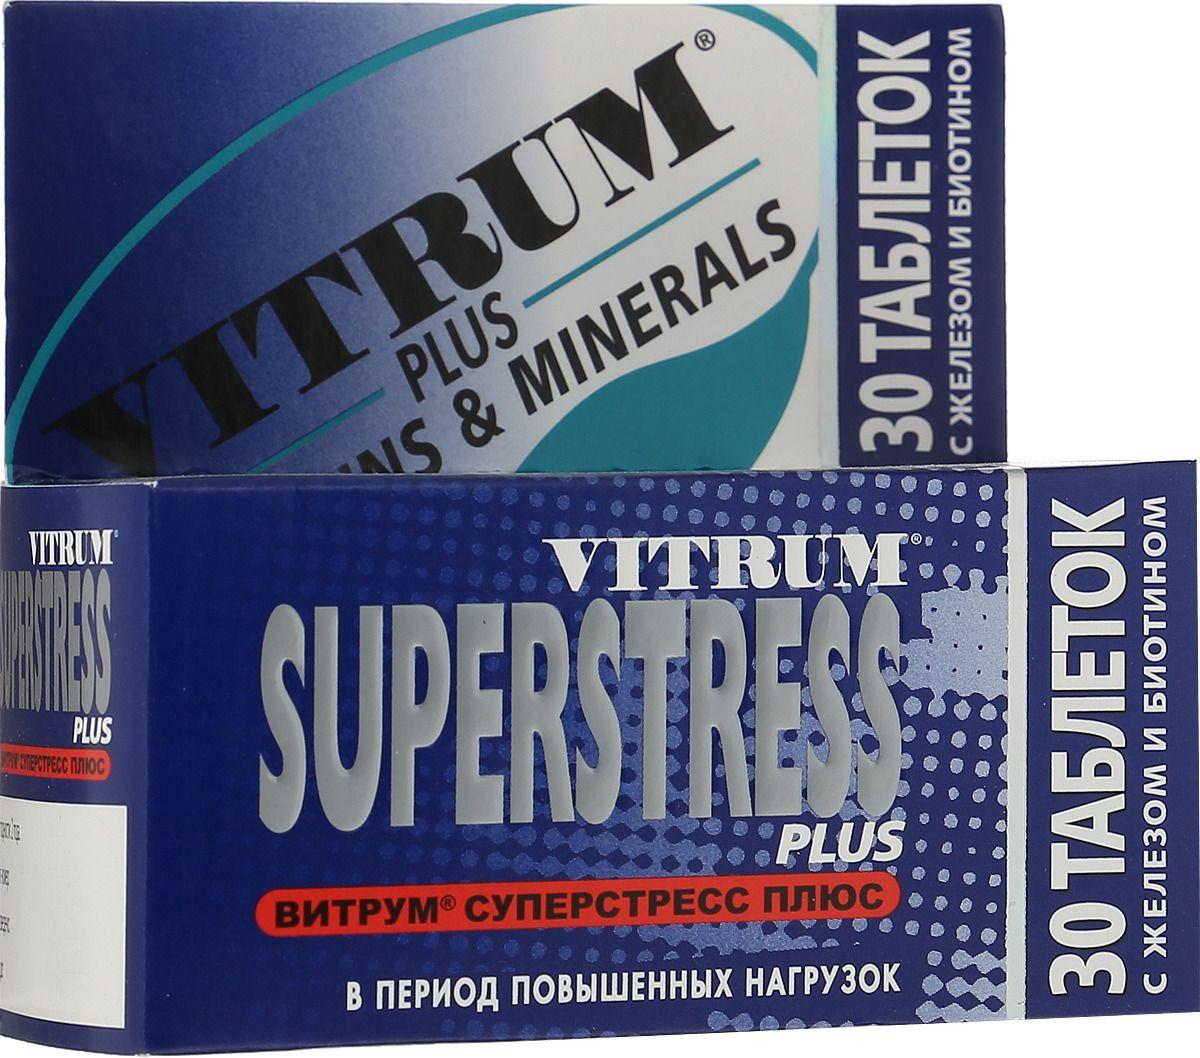 фото упаковки Витрум Суперстресс Плюс